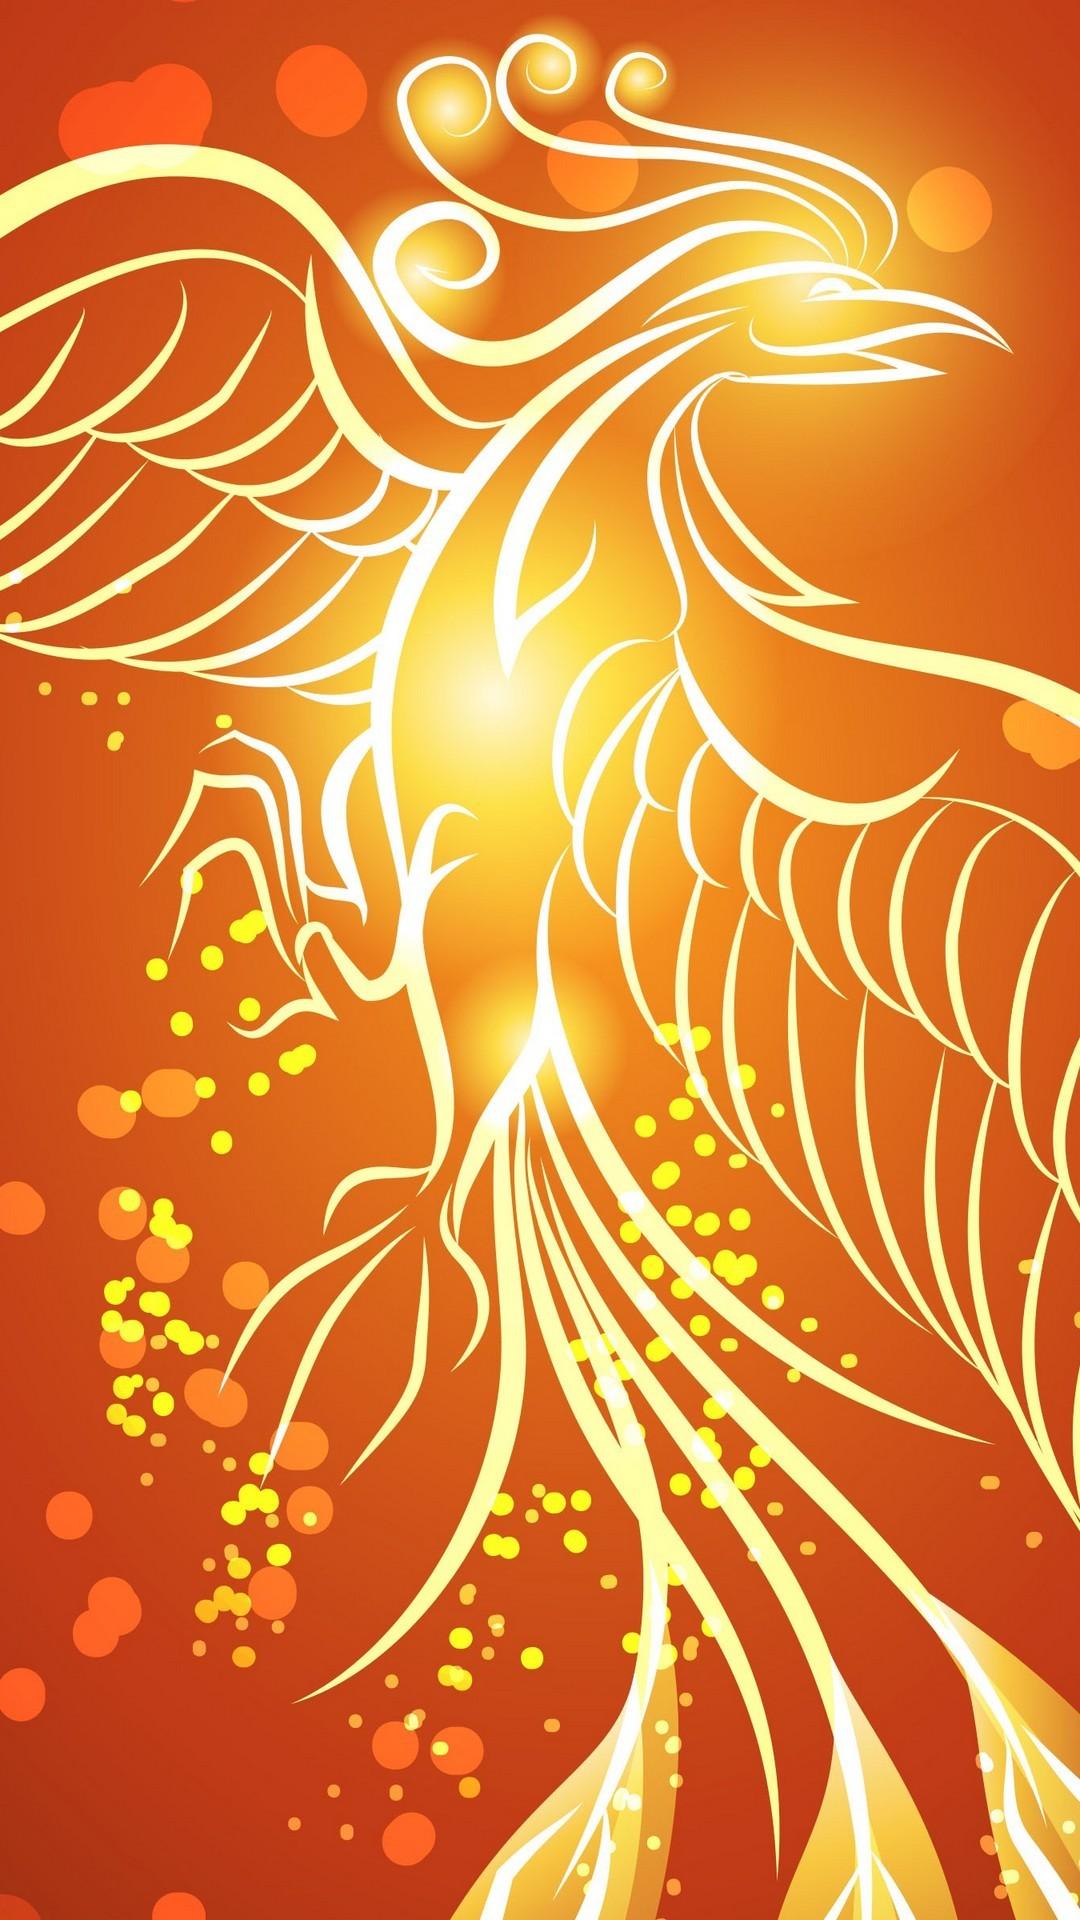 Golden Phoenix Wallpapers